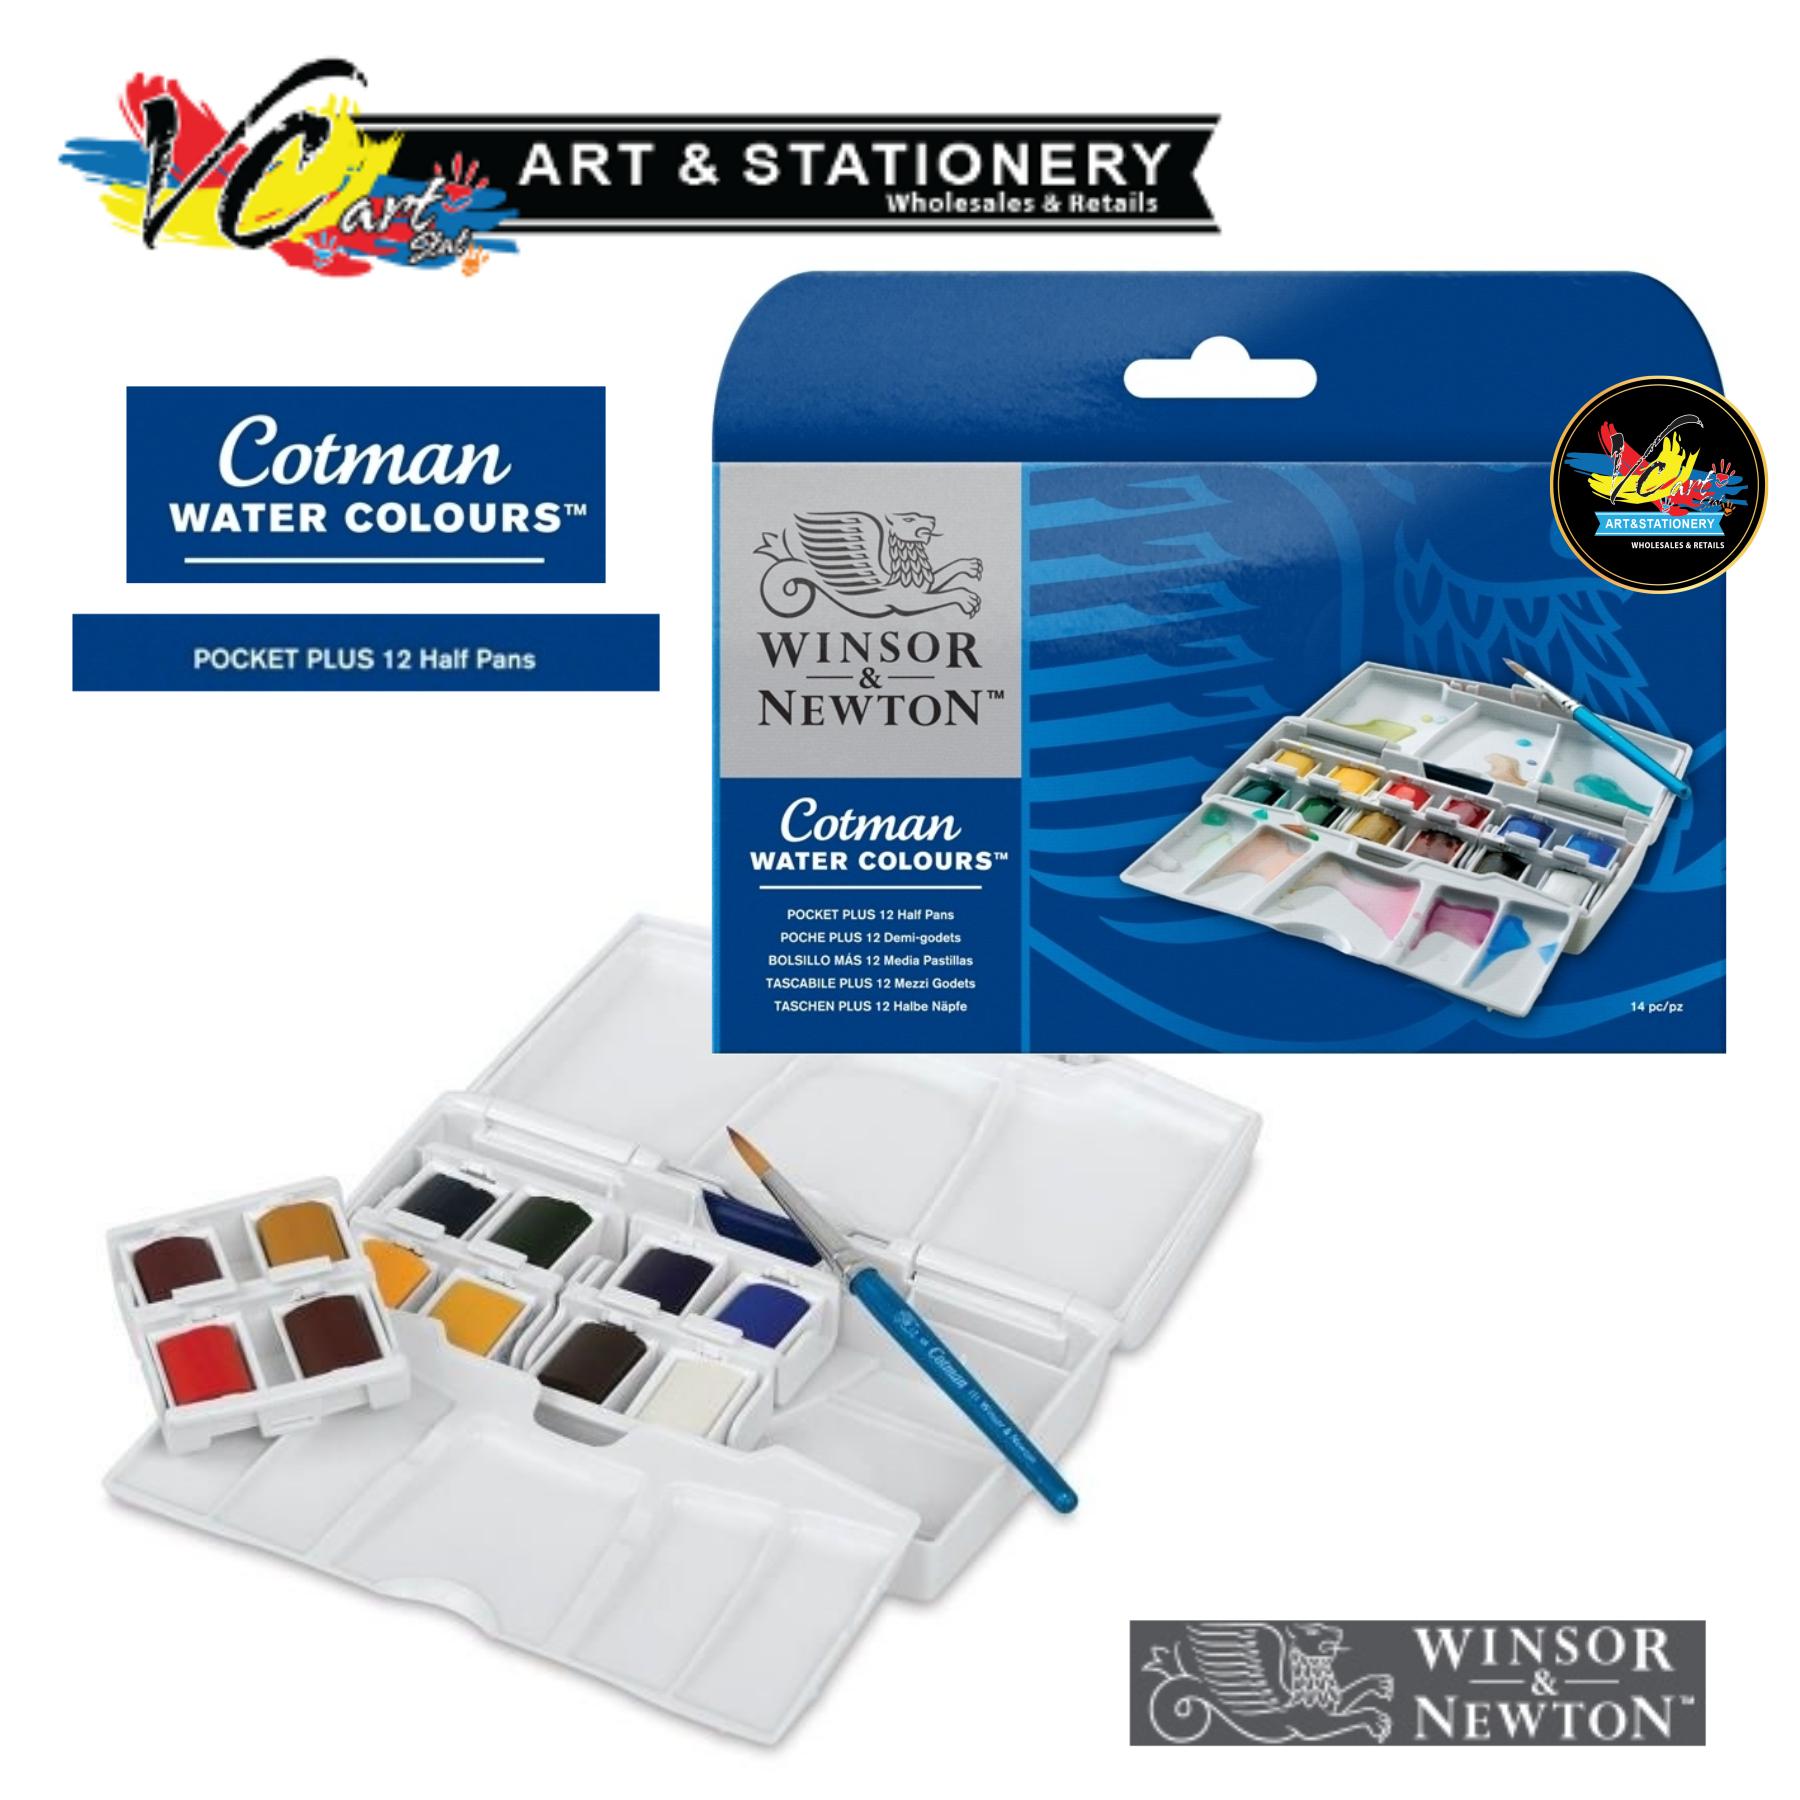 Winsor Newton Cotman Watercolour End 9 21 2020 236 Pm Pocket Plus Half Pan 12 Colours